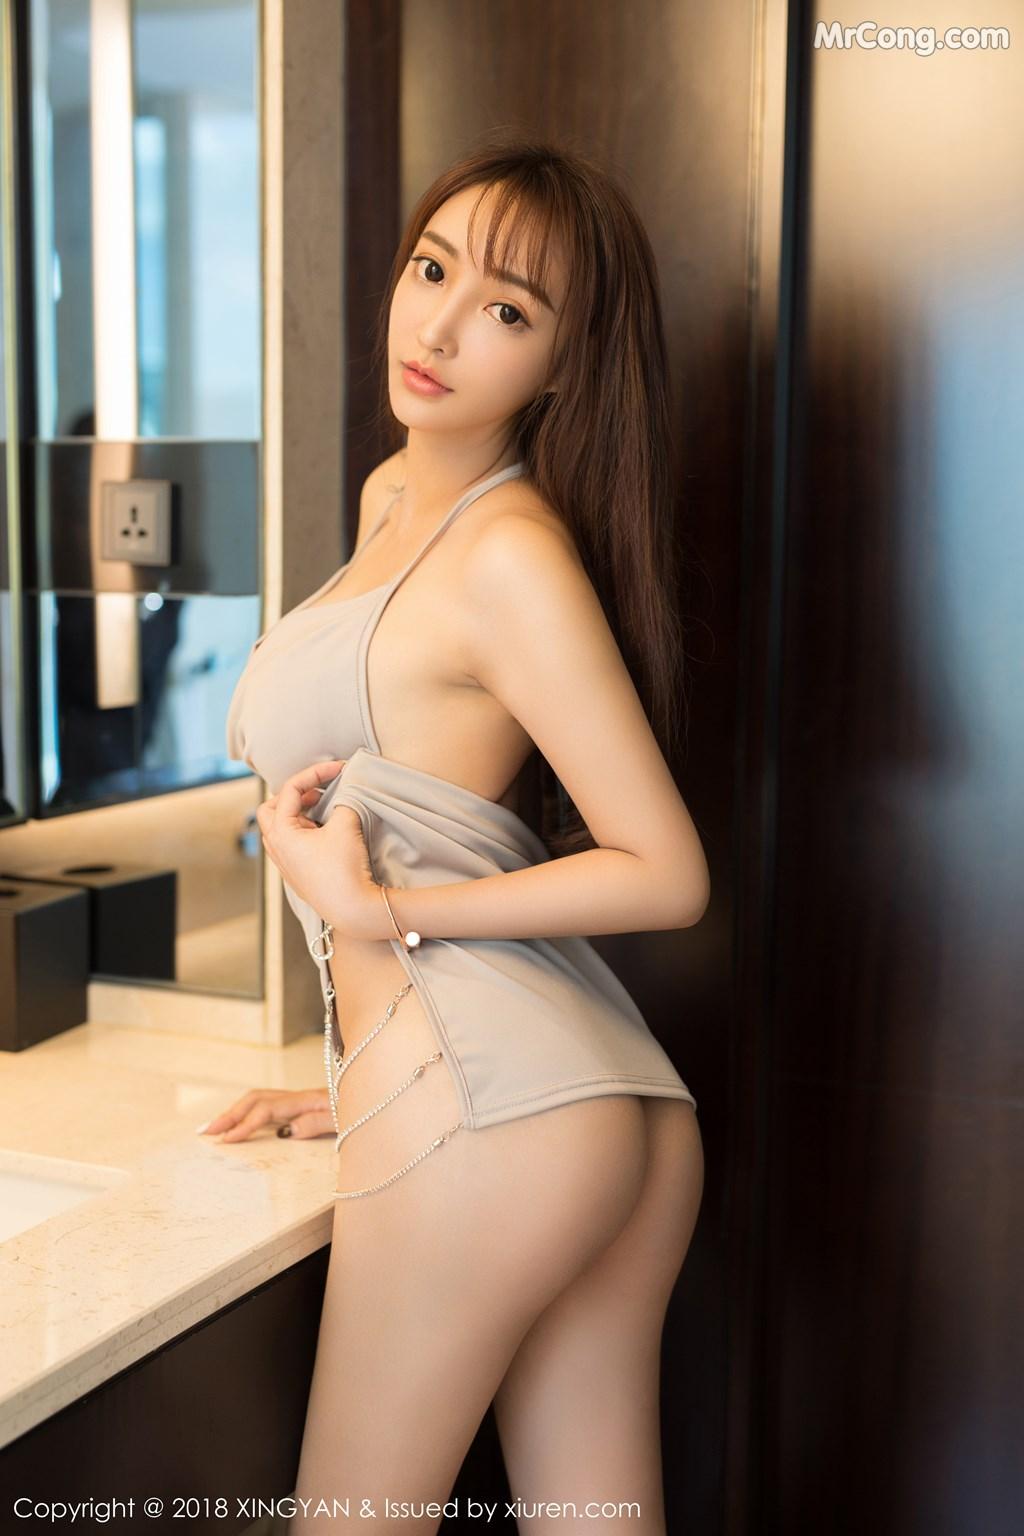 Image XingYan-Vol.090-Angel-MrCong.com-002 in post XingYan Vol.090: Người mẫu 安安Angel (41 ảnh)